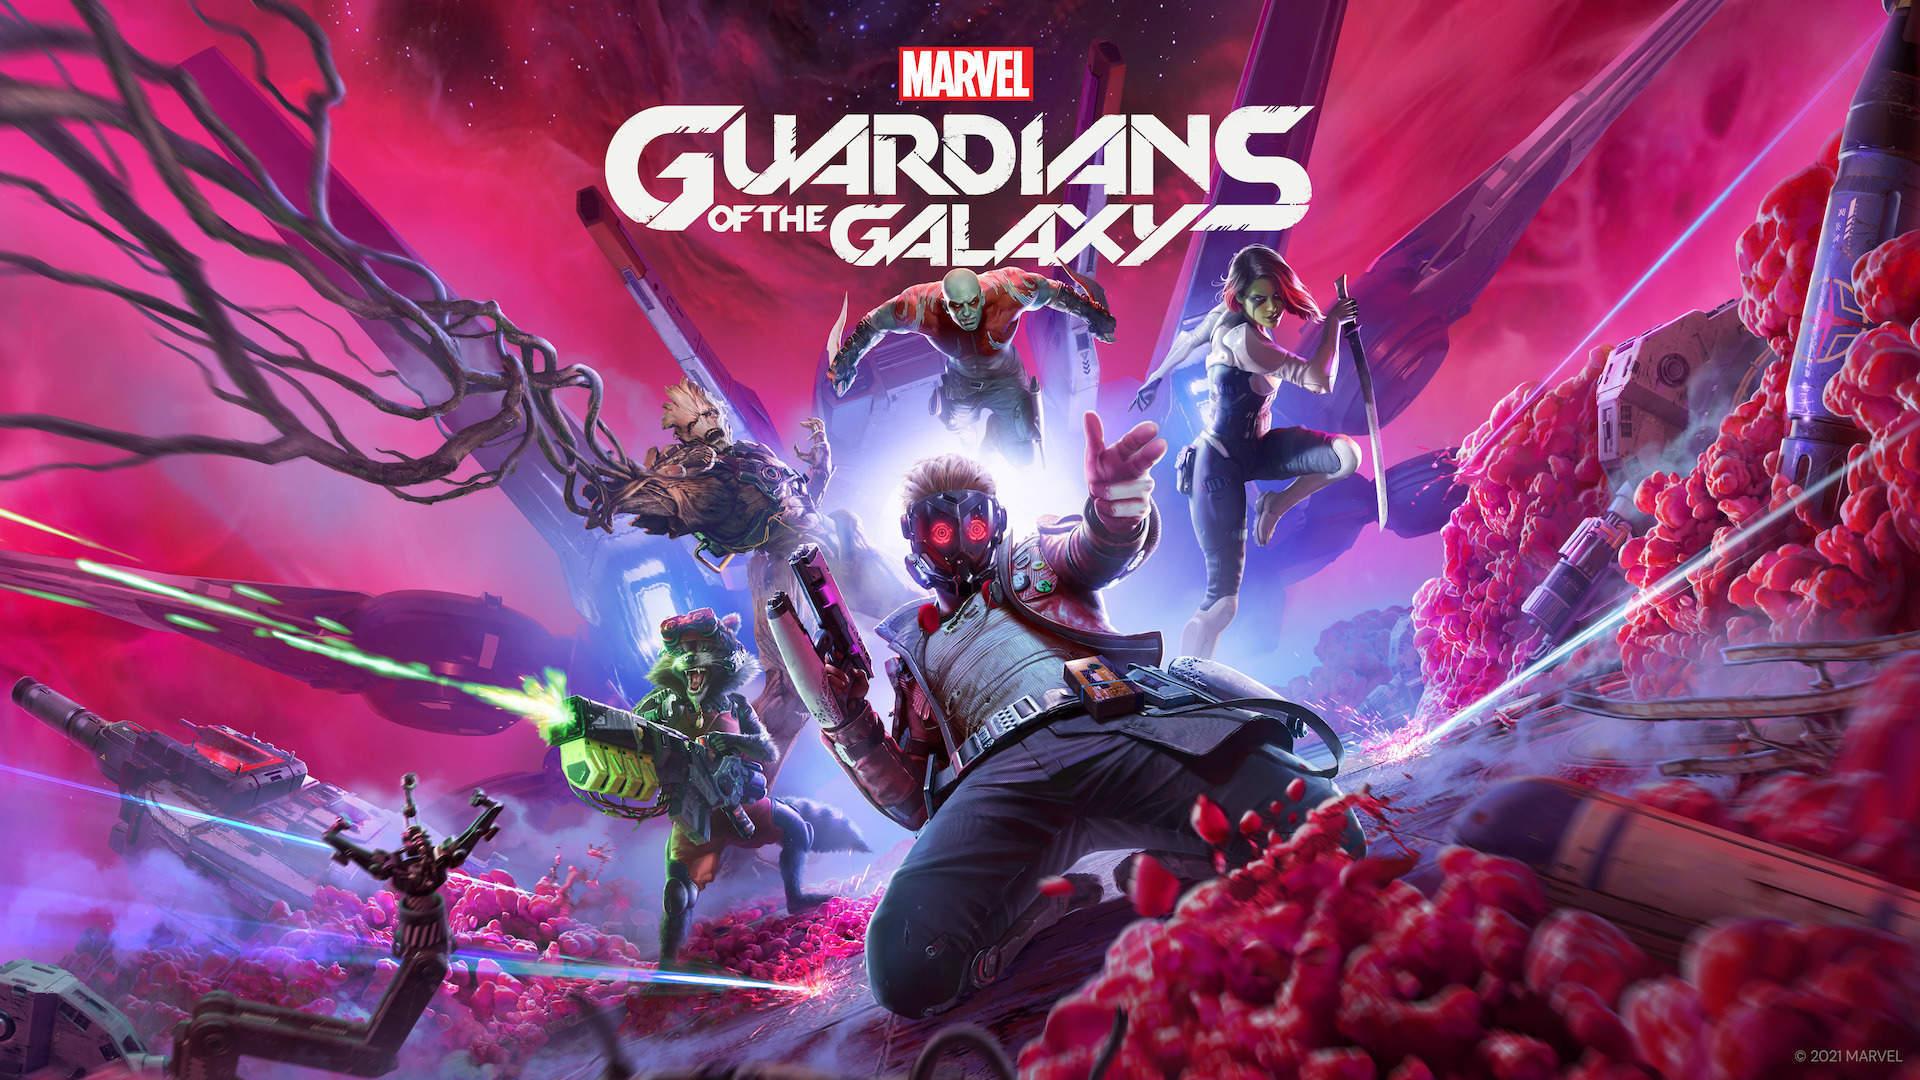 بازی Marvel's Guardians of the Galaxy؛ نکاتی که باید پیش از خرید بازی بدانید